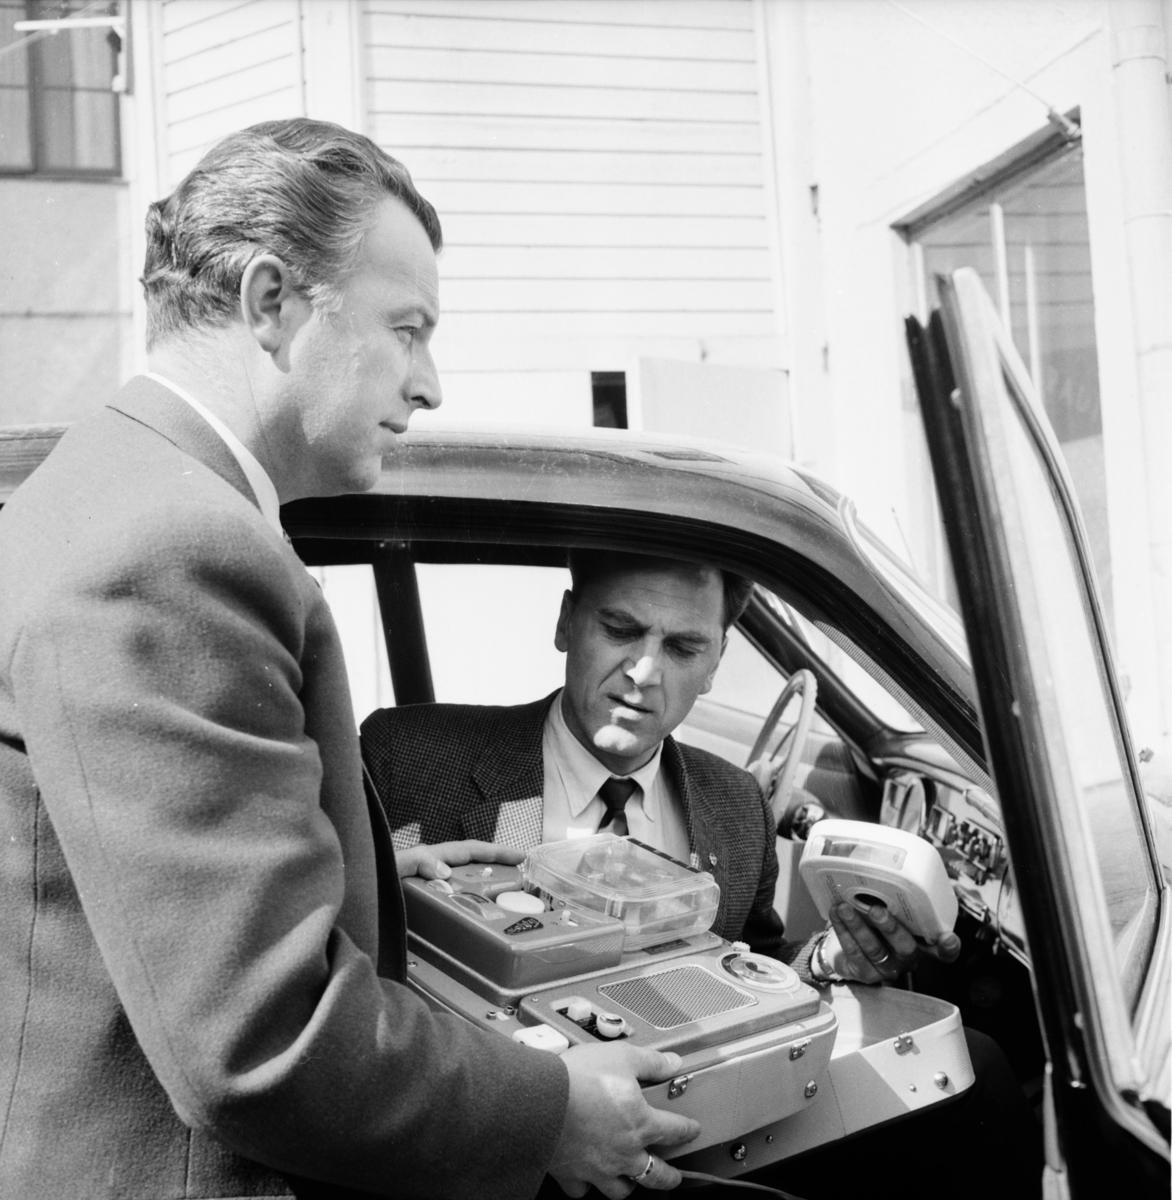 Bollnäs radiocentral. Bilradiogrammofon. 18/5 1957